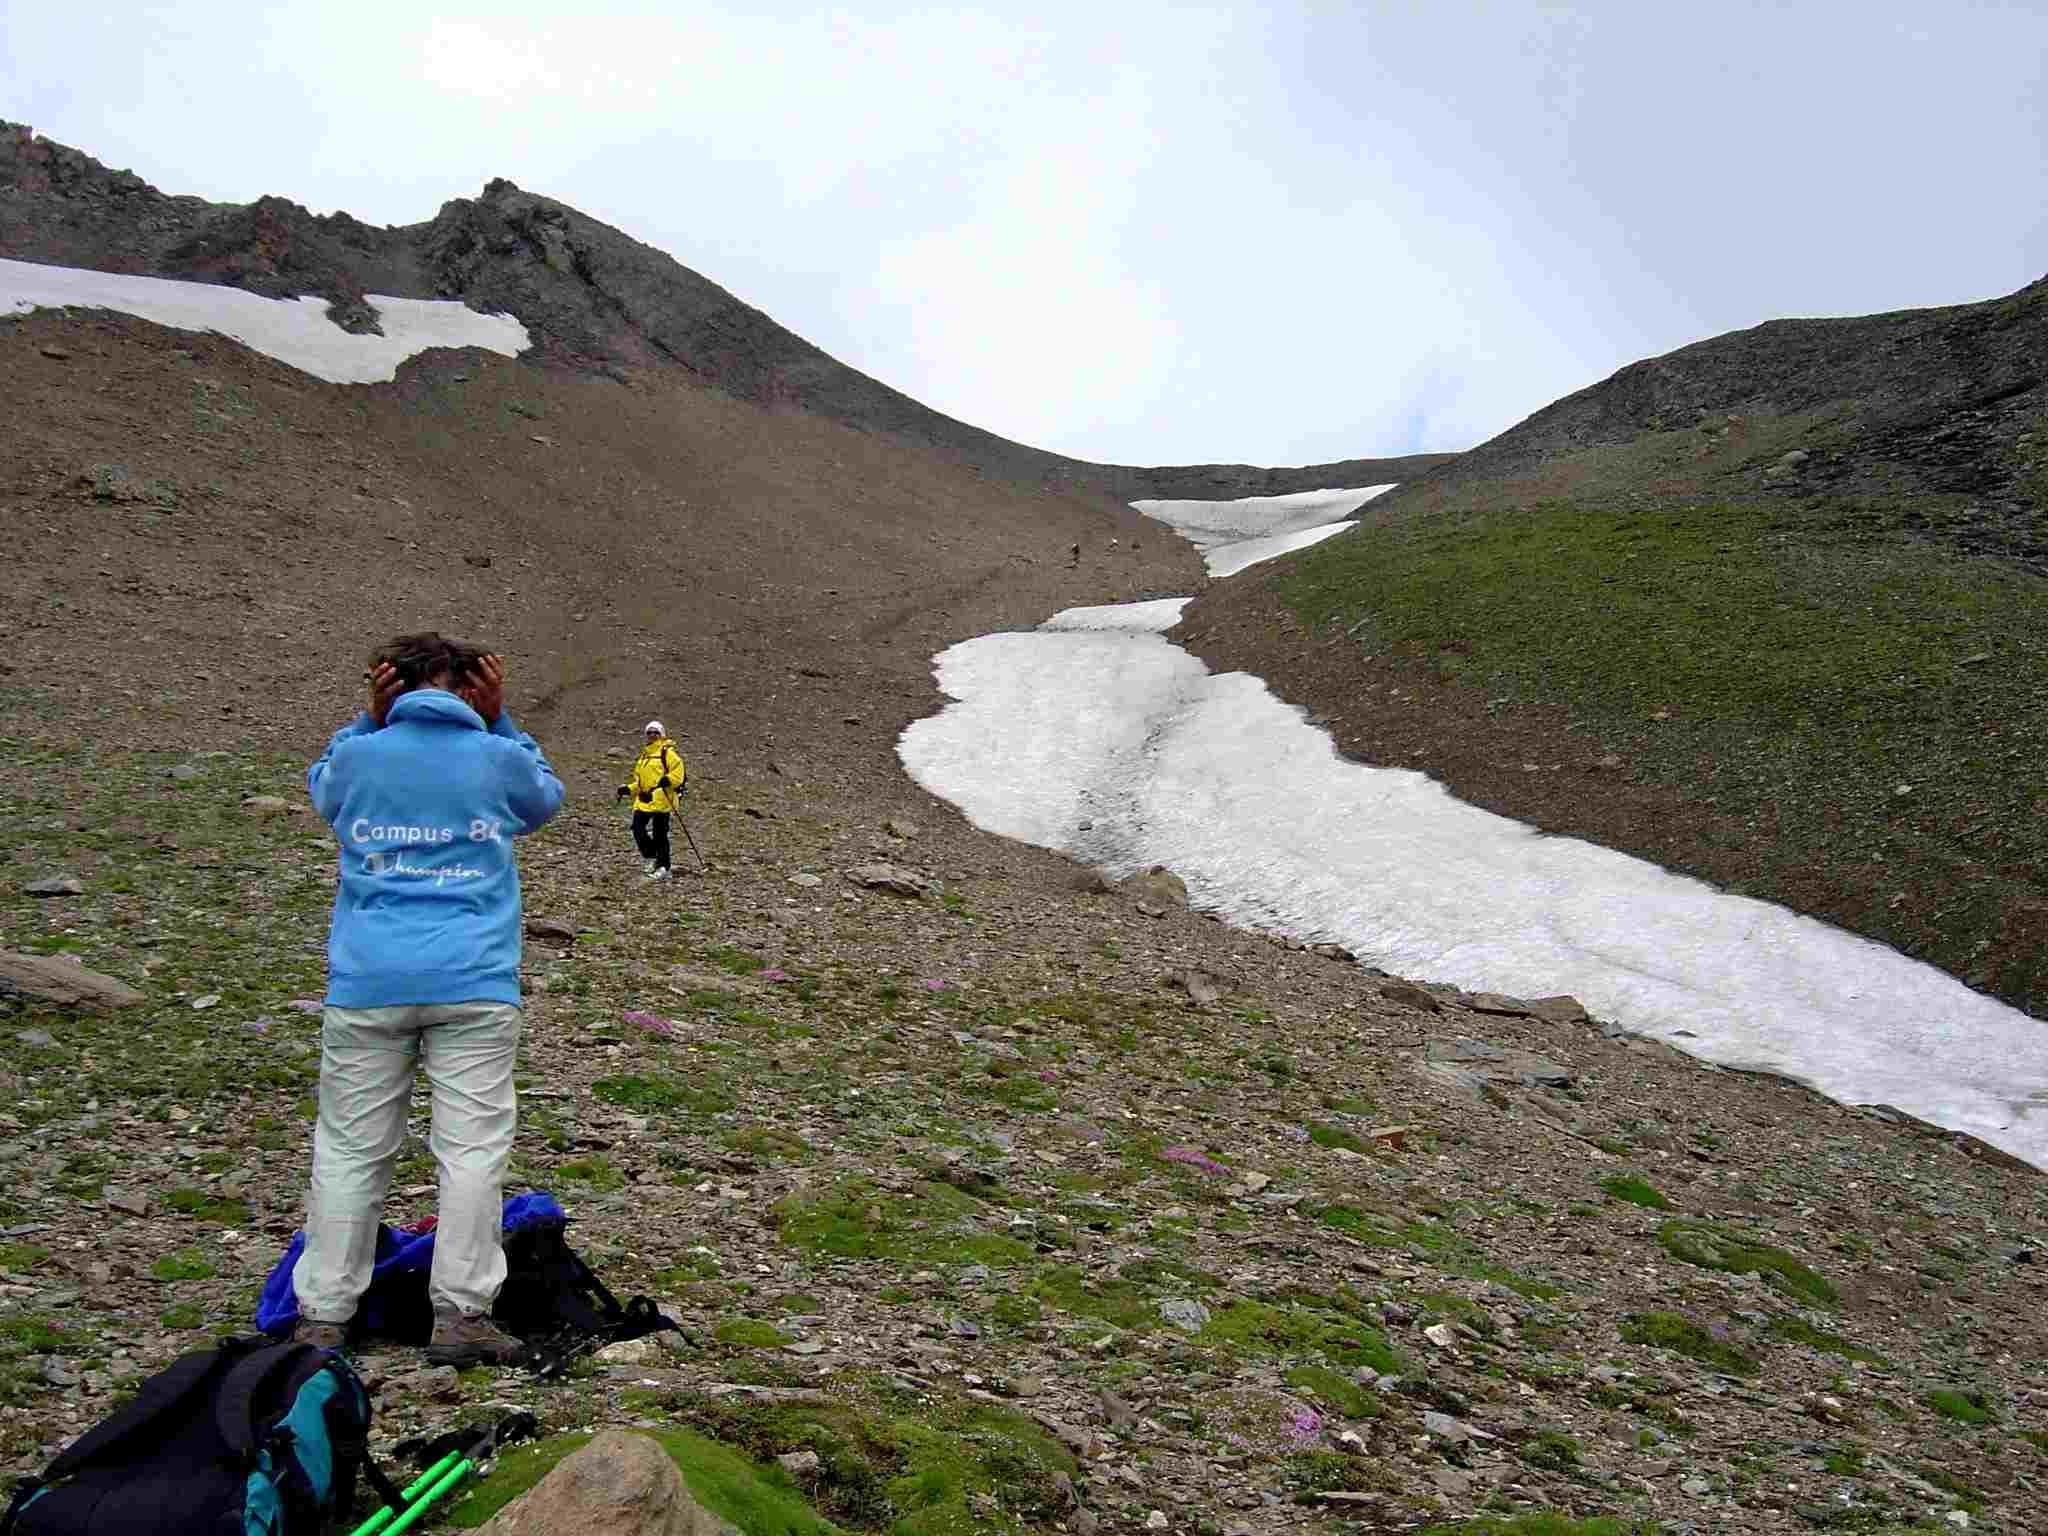 Foto: Manfred Karl / Wander Tour / Über Blumenwiesen auf die Racherin / Die lange Rinne - runter geht´s deutlich leichter! / 17.06.2007 06:21:23